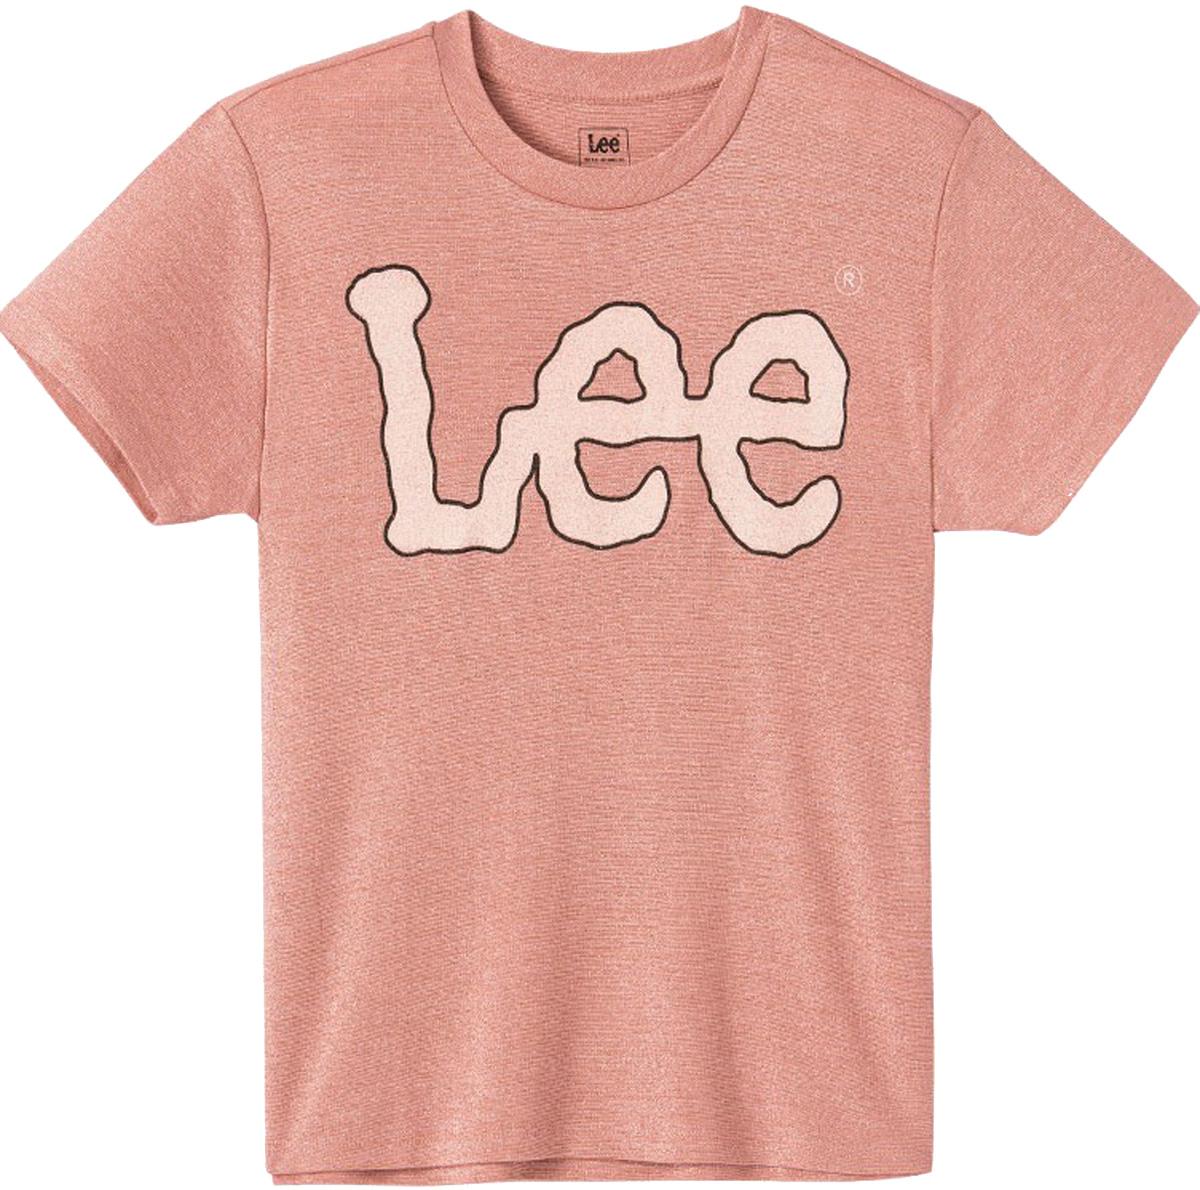 Футболка женская Lee, цвет: розовый. L41KRSEA. Размер L (46)L41KRSEAФутболка от Lee выполнена из вискозы с люрексом. Модель с короткими рукавами и круглым вырезом горловины спереди оформлена логотипом бренда.